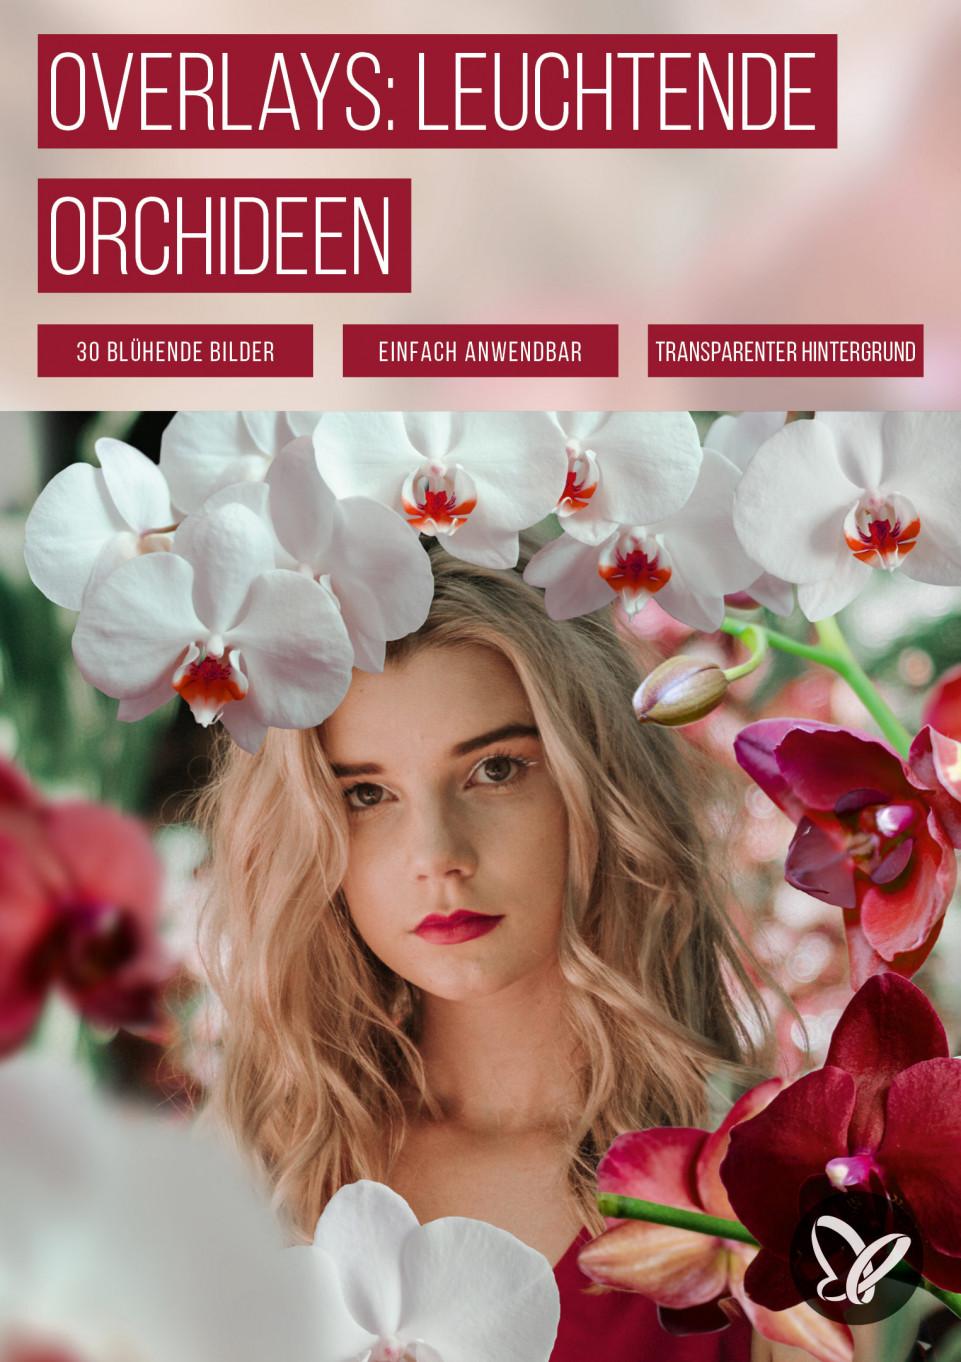 Bilder mit Orchideen vor transparentem Hintergrund